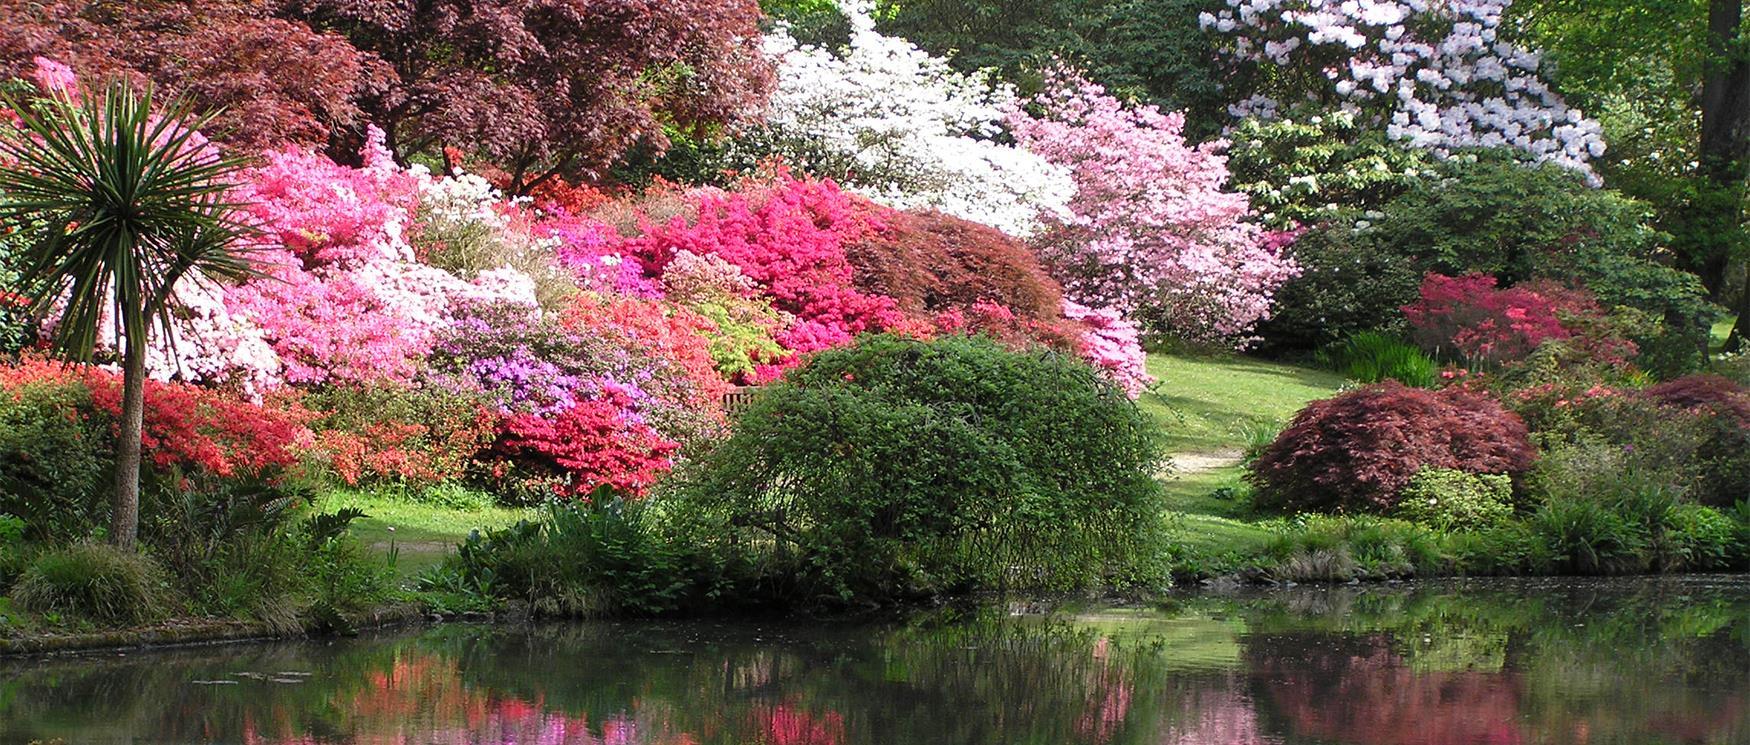 Hampshires Gardens - VisitHampshire.co.uk